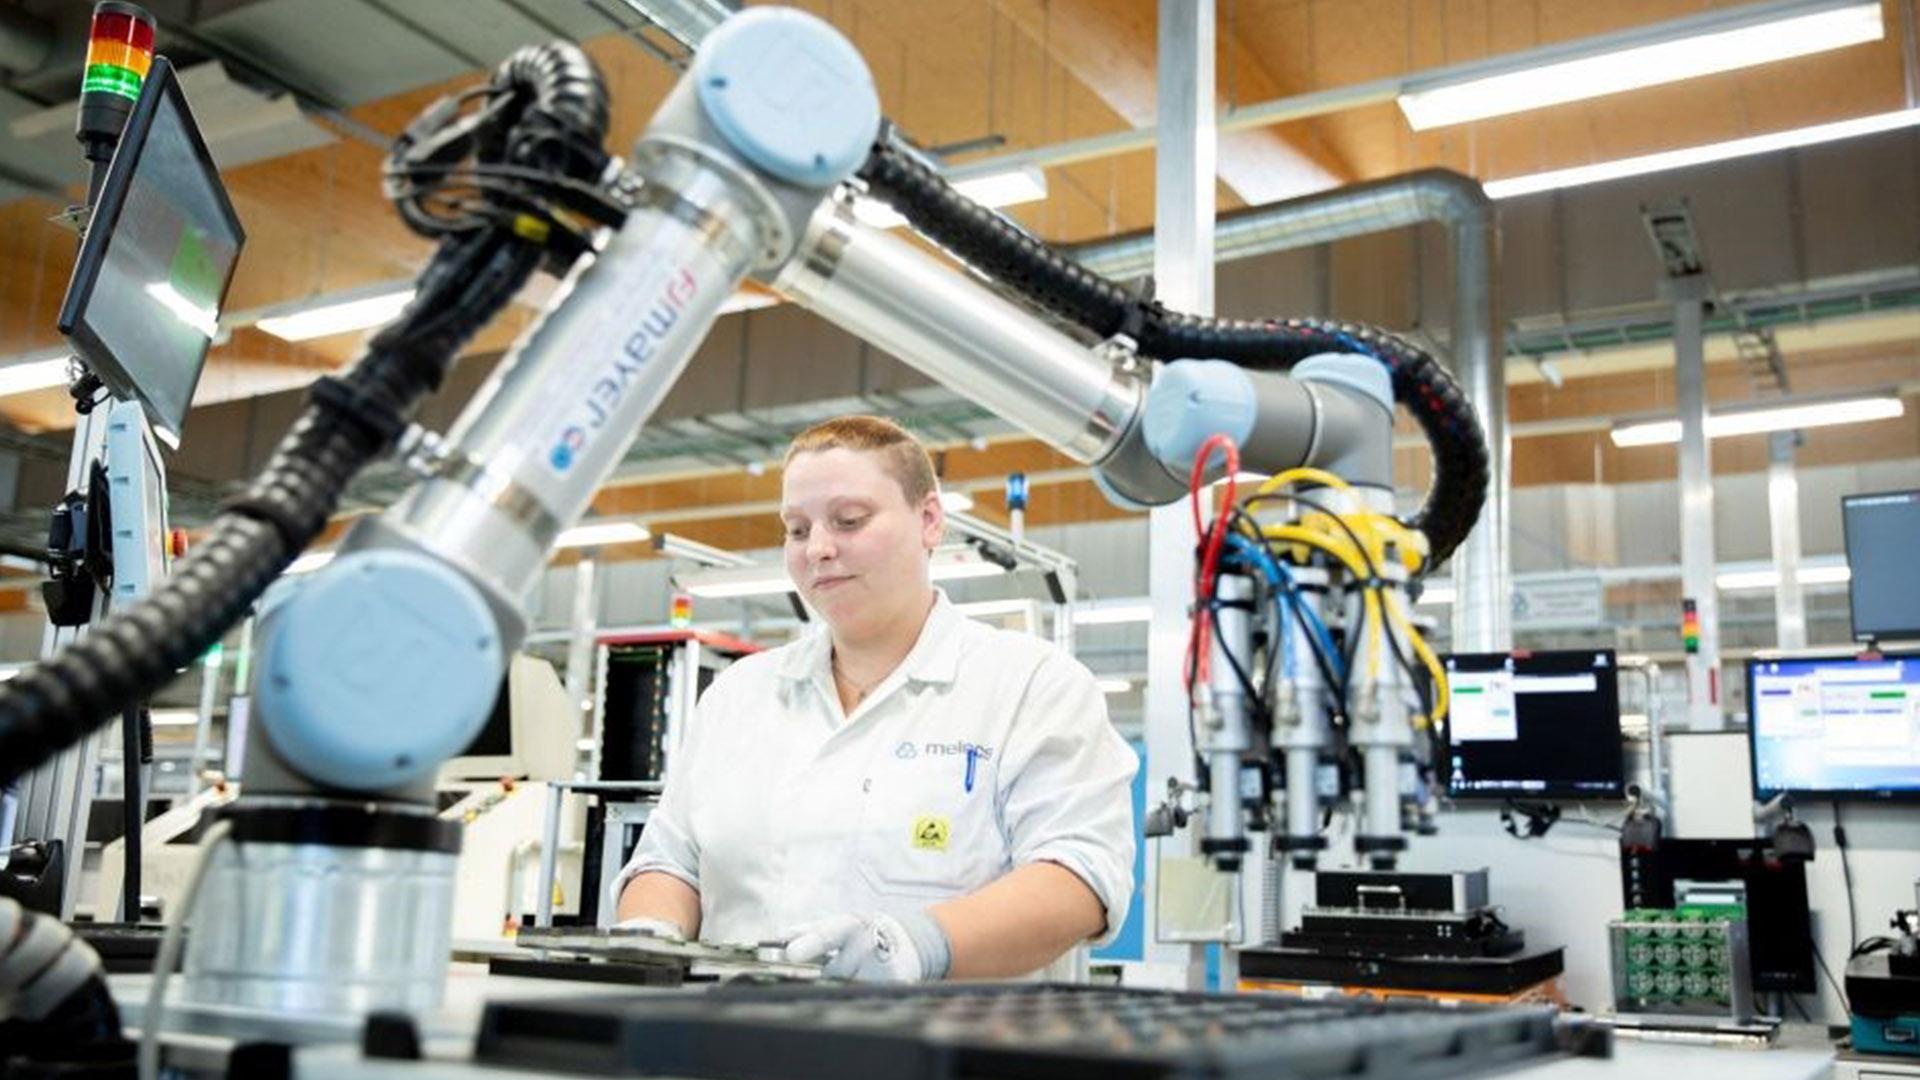 Les robots créent de nouveaux emplois ? Comment est-ce possible ? 2